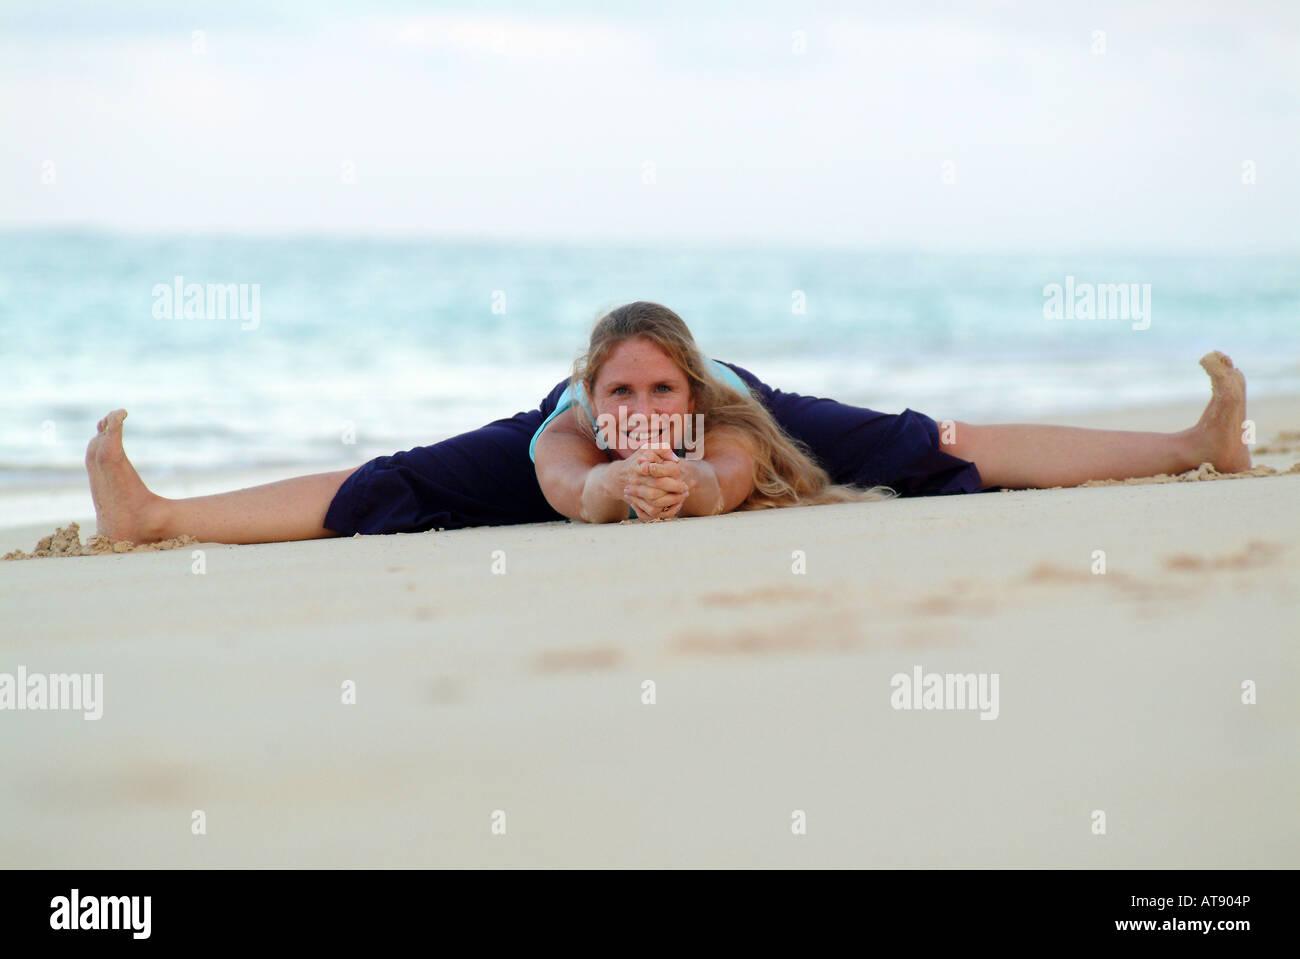 Mujer en el yoga se divide el estiramiento en la playa de arena blanca, Hawai Foto de stock